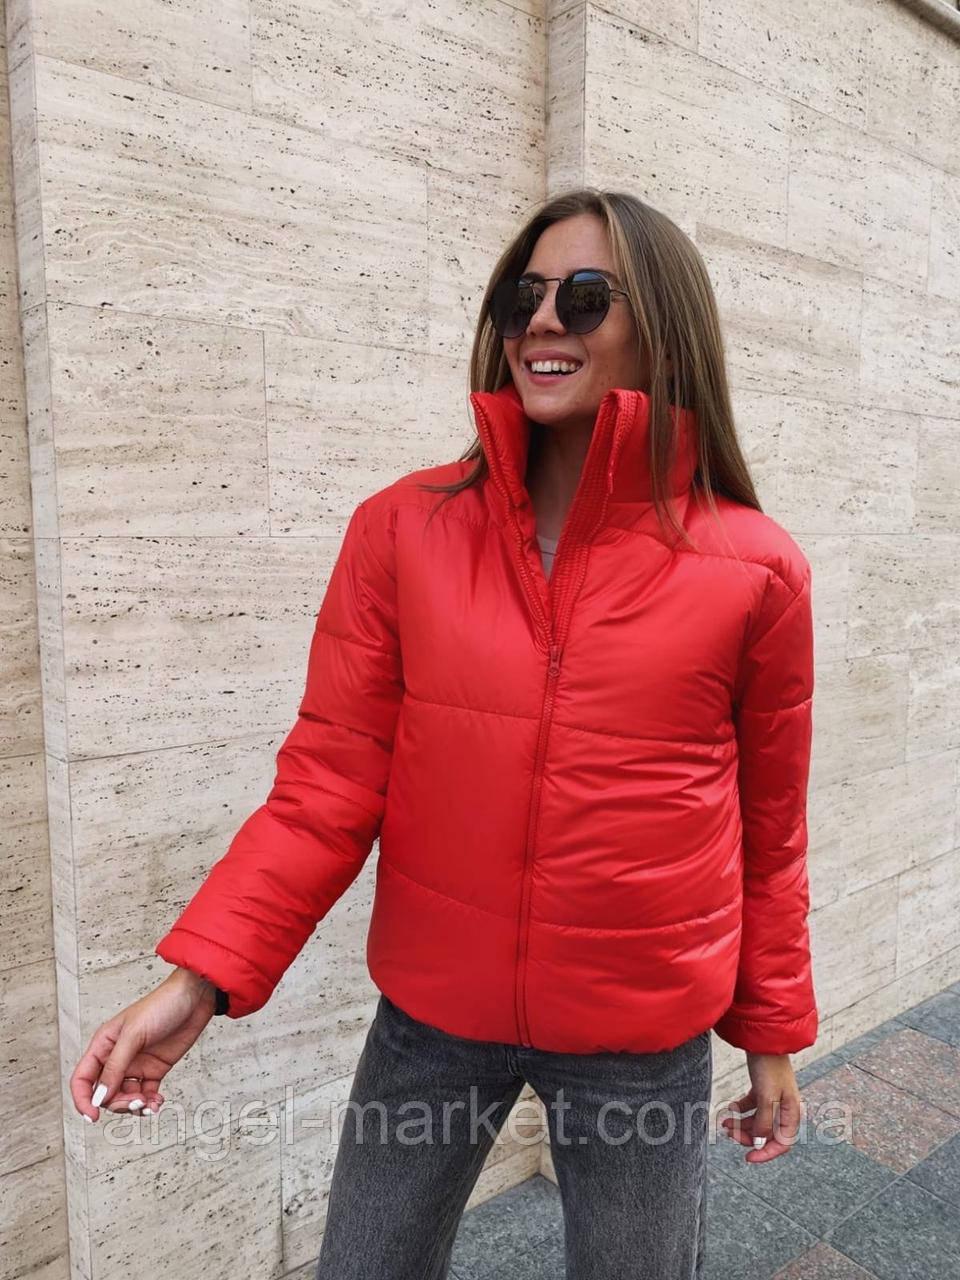 Осенняя  женская  куртка с воротником стойка .Новинка 2020